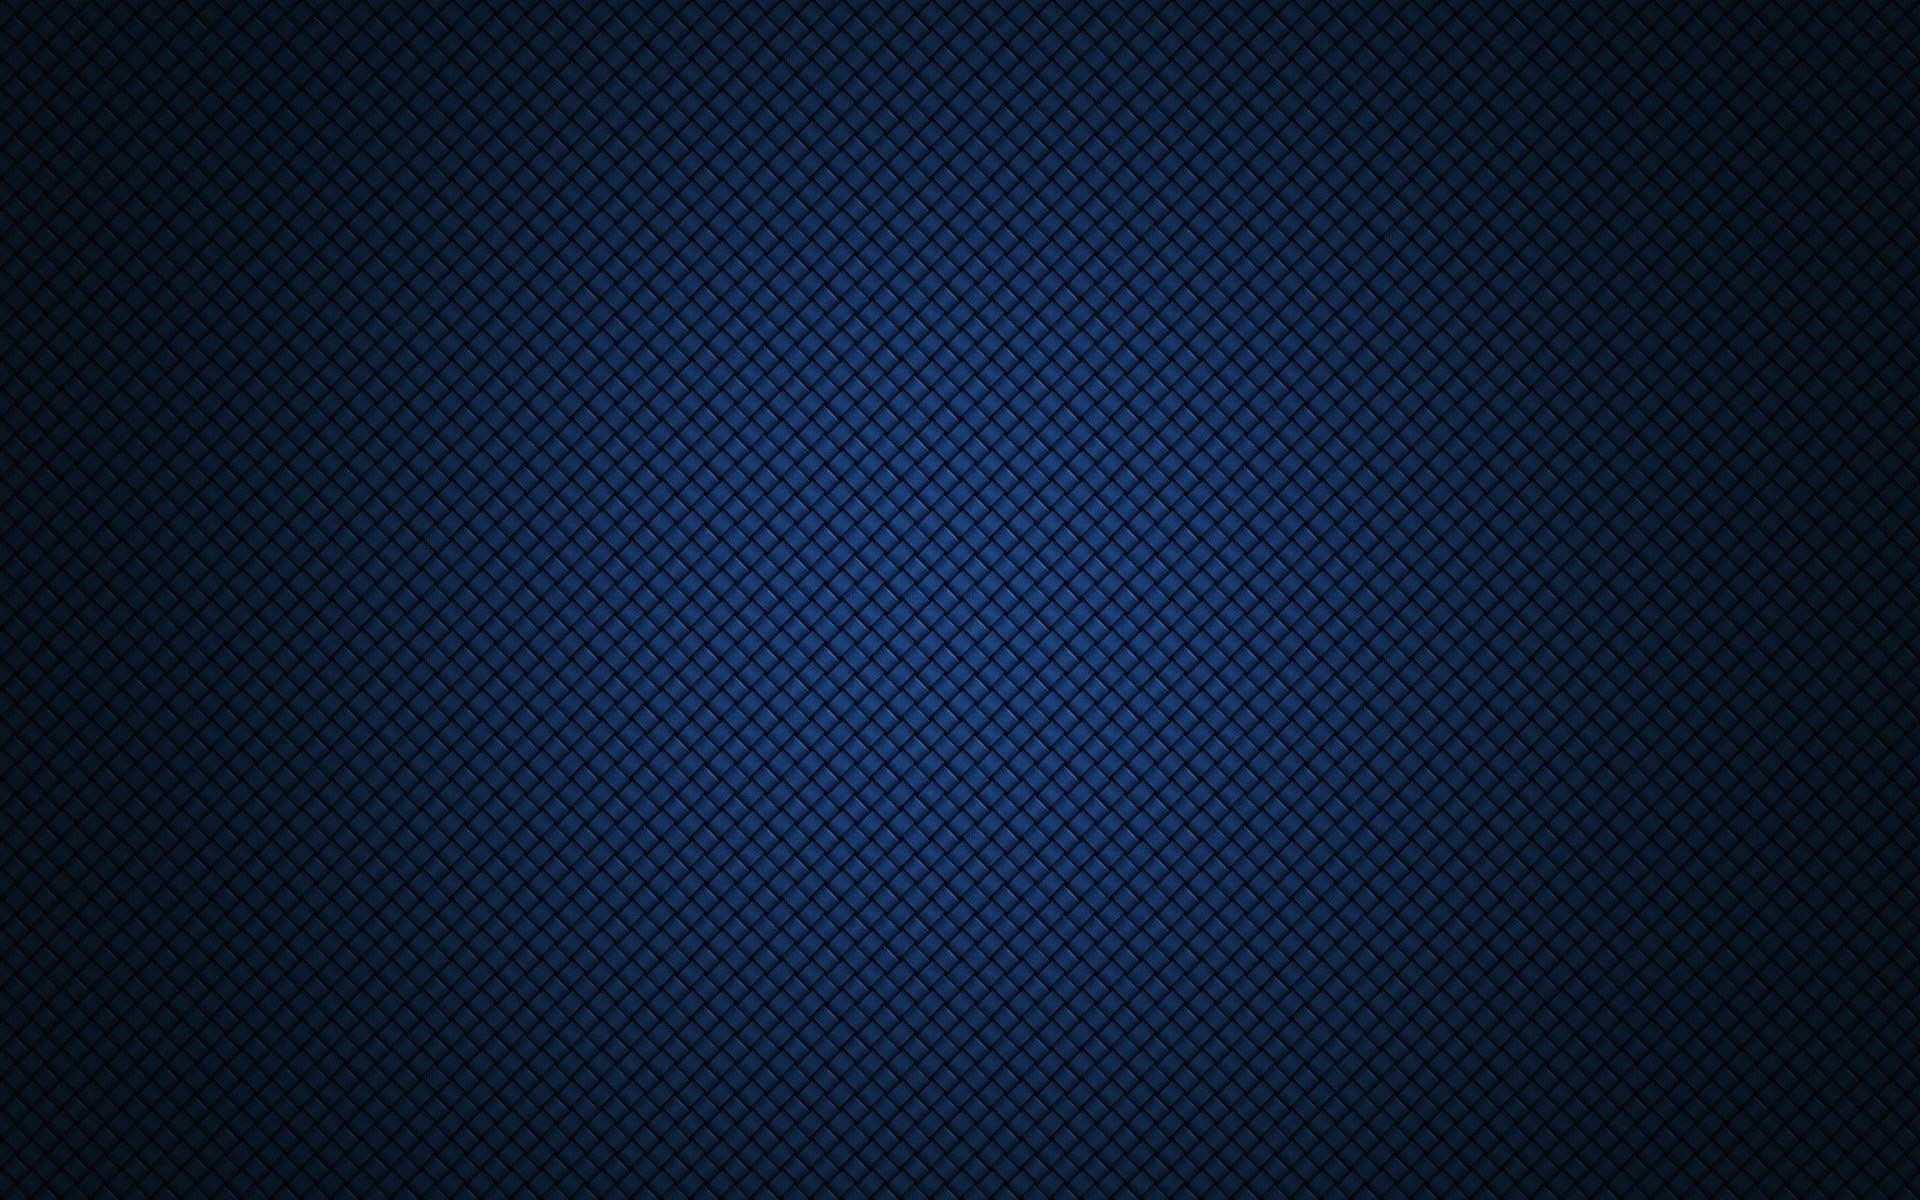 … Dark Blue Wallpaper Navy Blue Wallpaper …